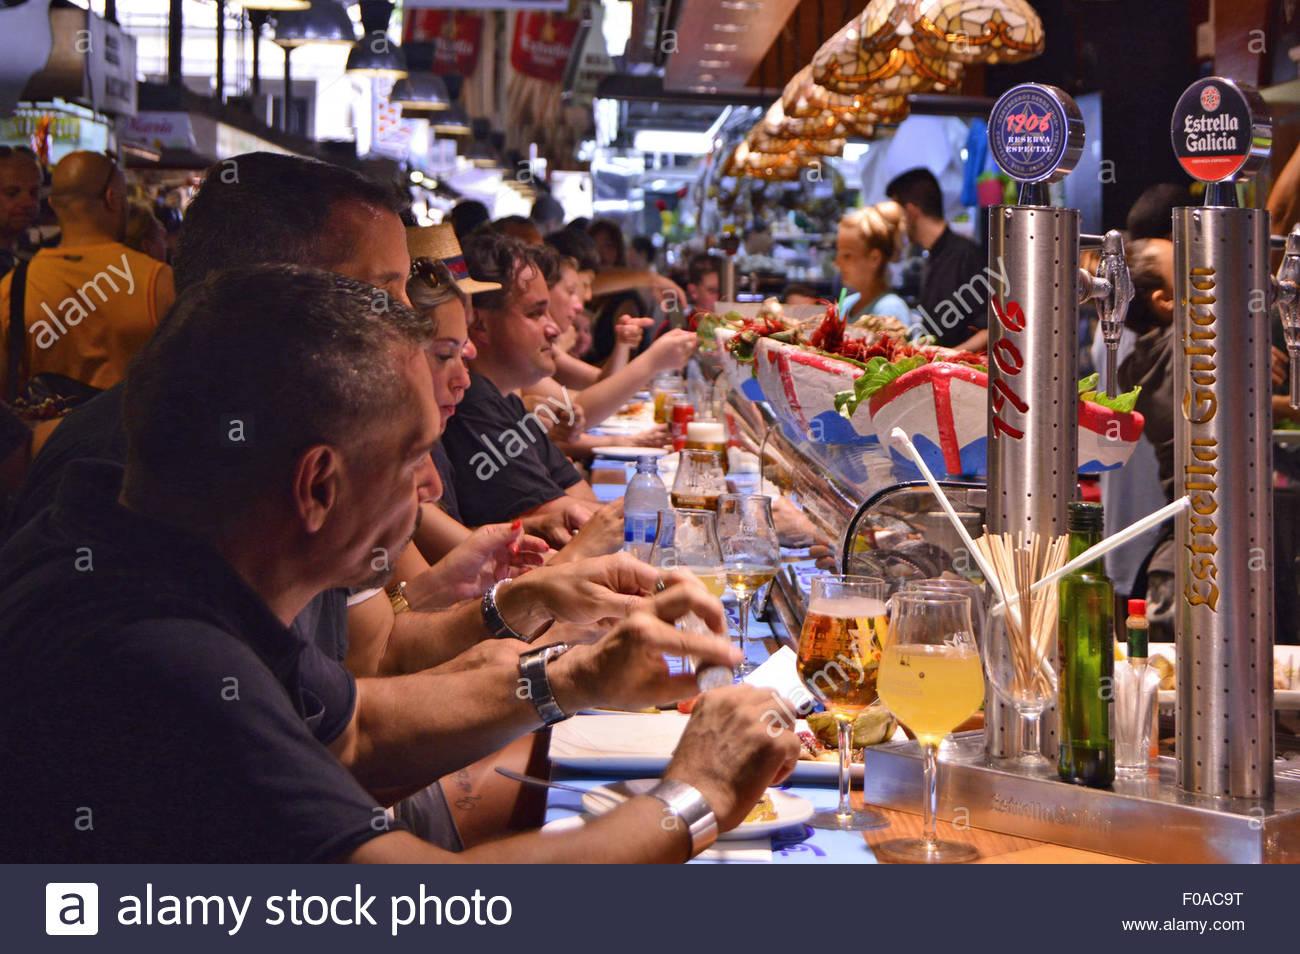 Bar Central at La Boqueria market in Ciutat Vella Barcelona Spain Europe - Stock Image